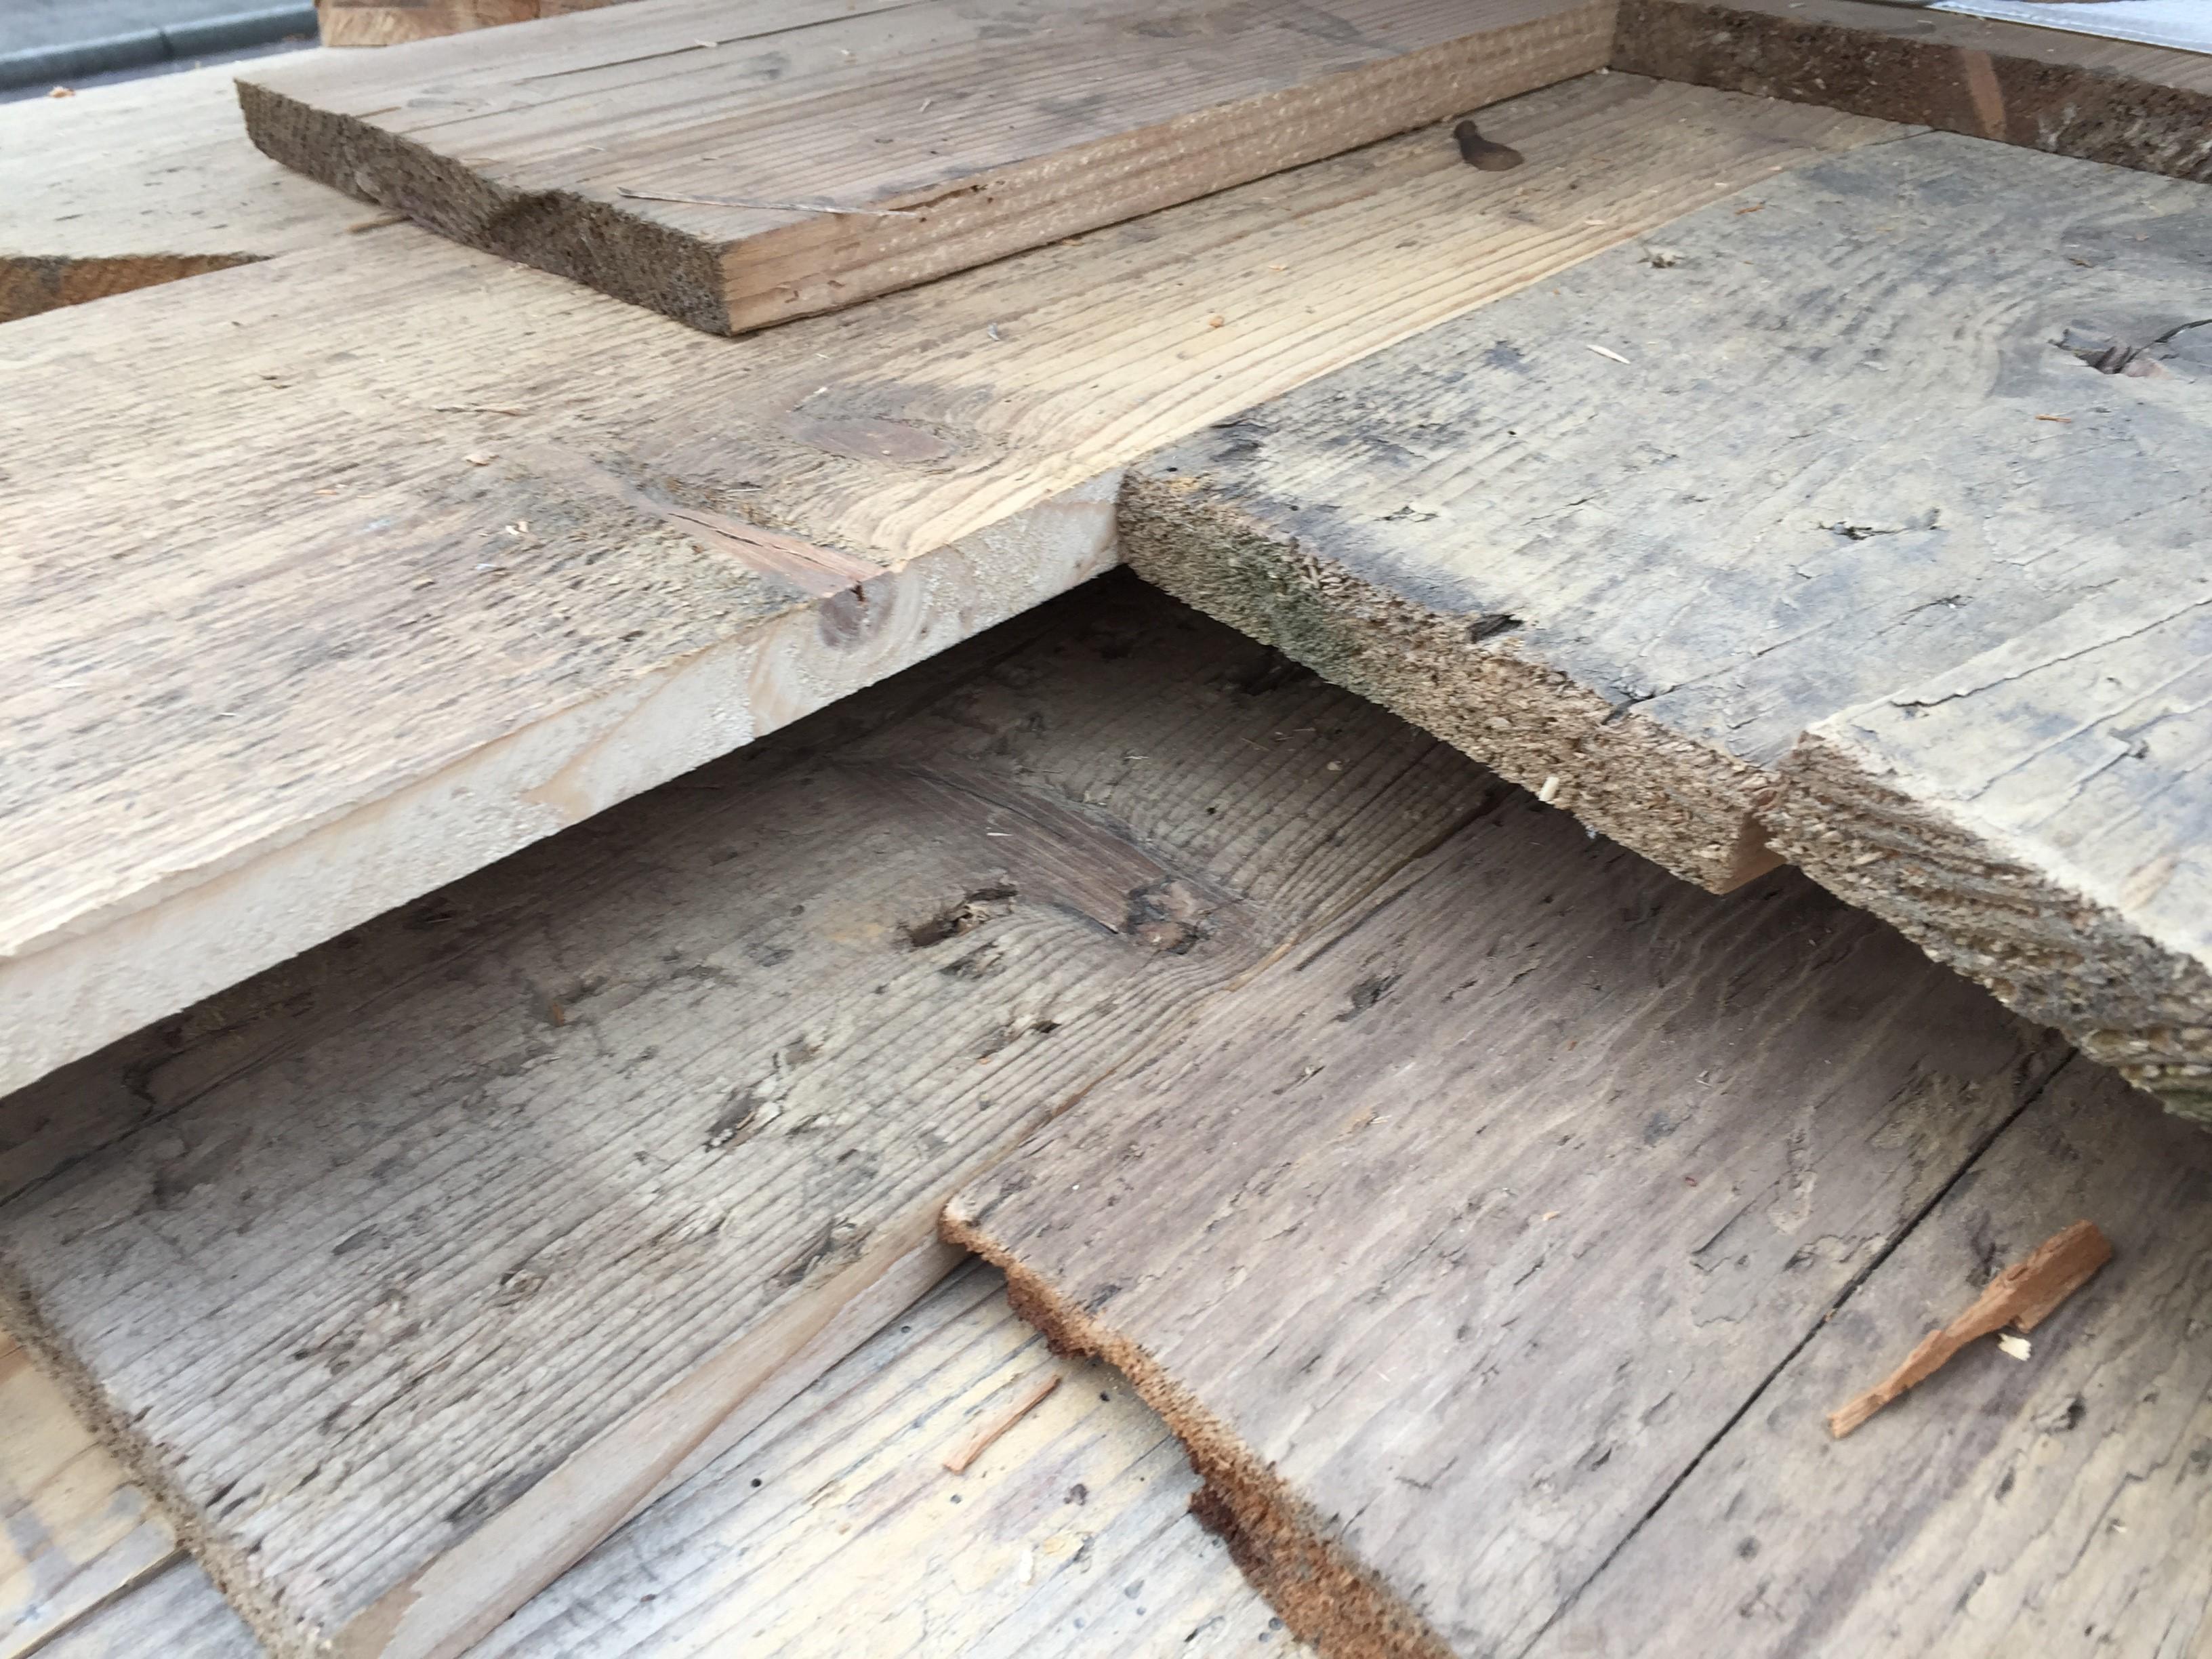 Fußboden Aus Holzdielen ~ Fußboden eines brauereilagers lumberprint foto auf holz